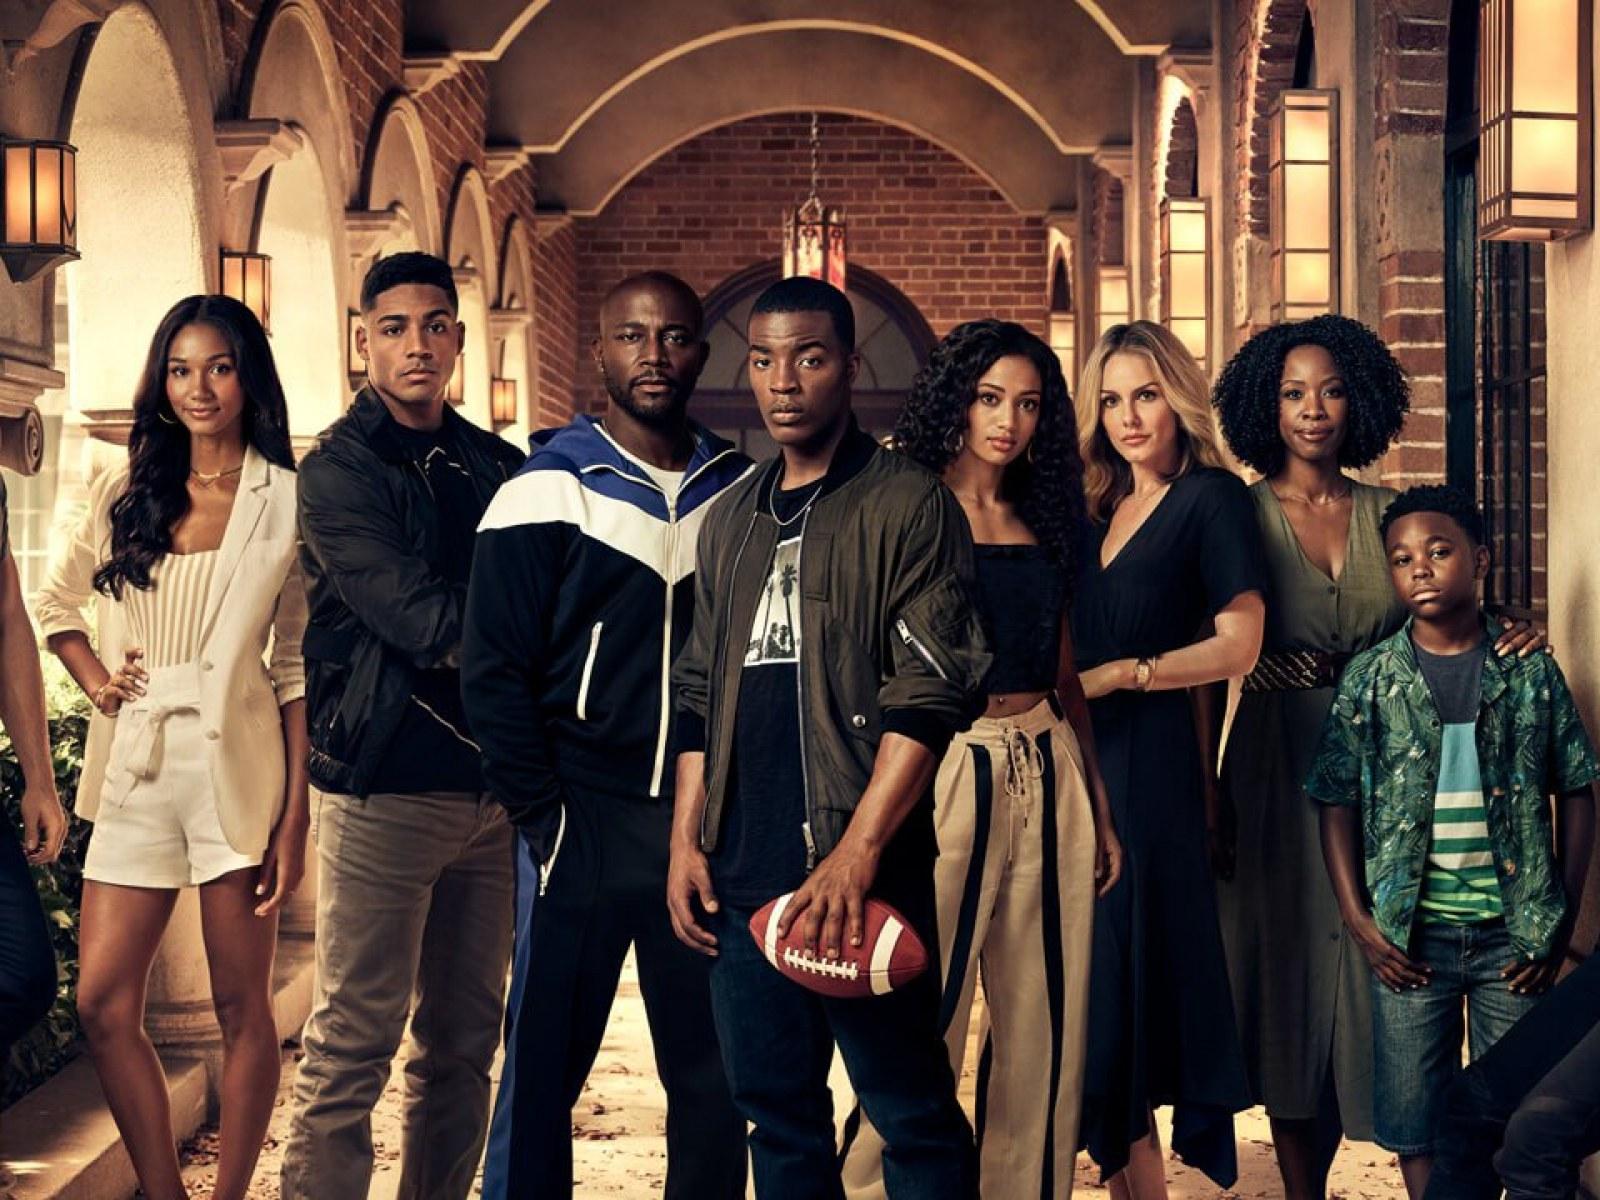 All American Season 2 Release Date Cast Trailer Plot When Is